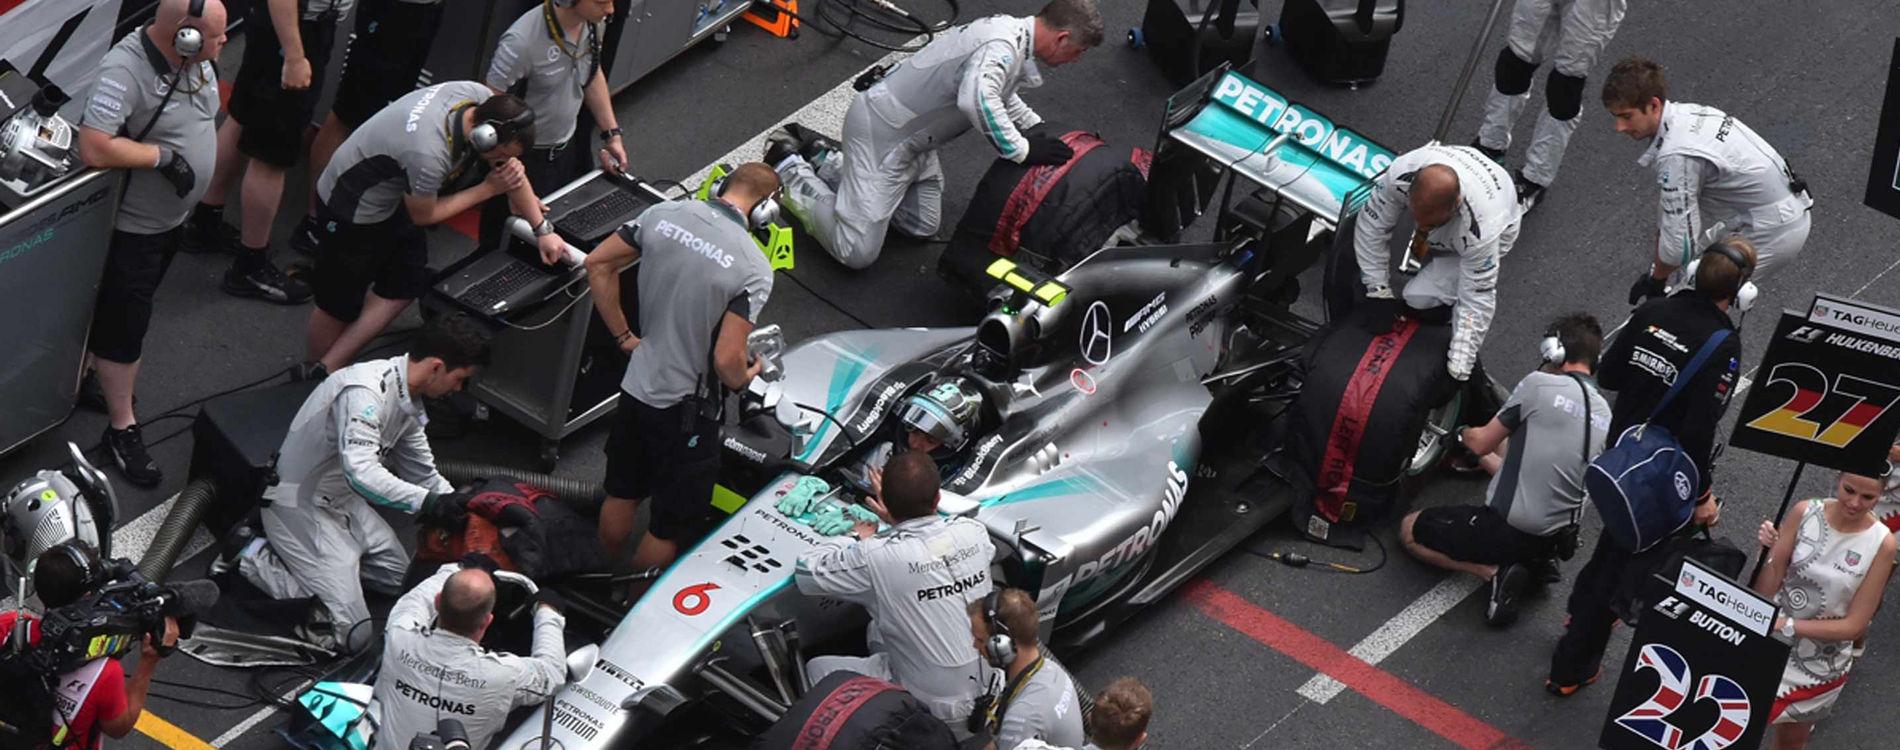 Monaco GPF1 Formule1